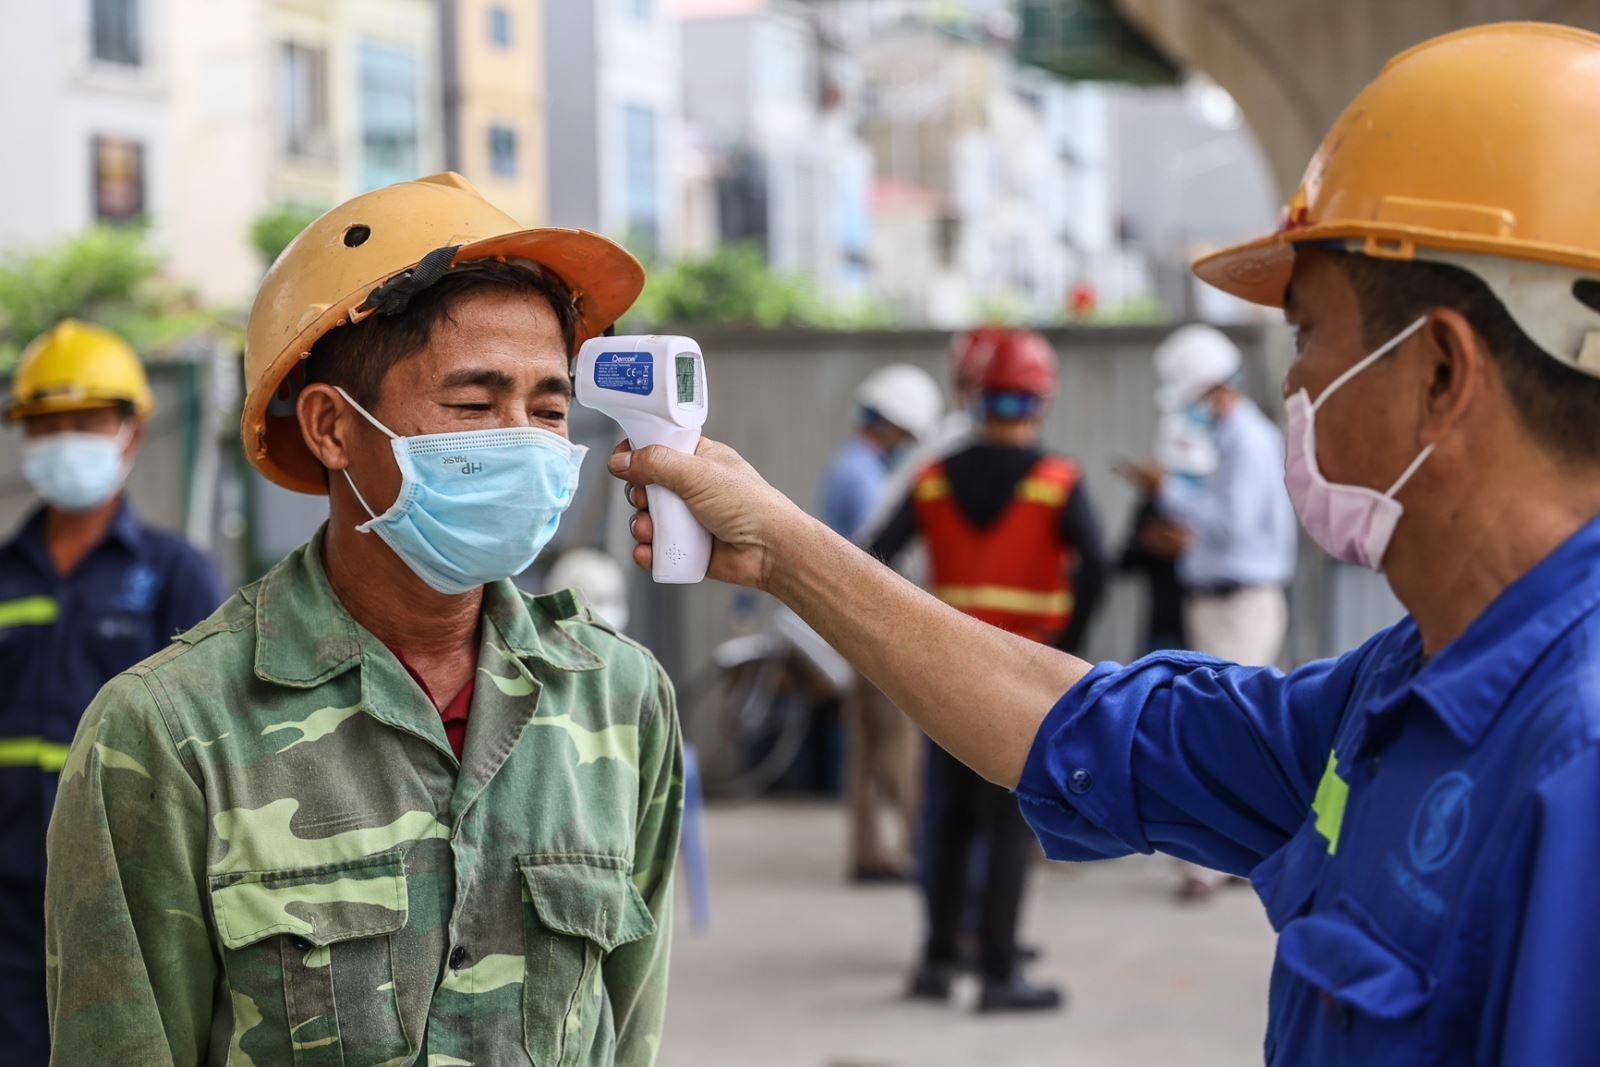 Sở Xây dựng Hà Nội thông báo về cấp giấy đi đường cho đối tượng thi công xây dựng